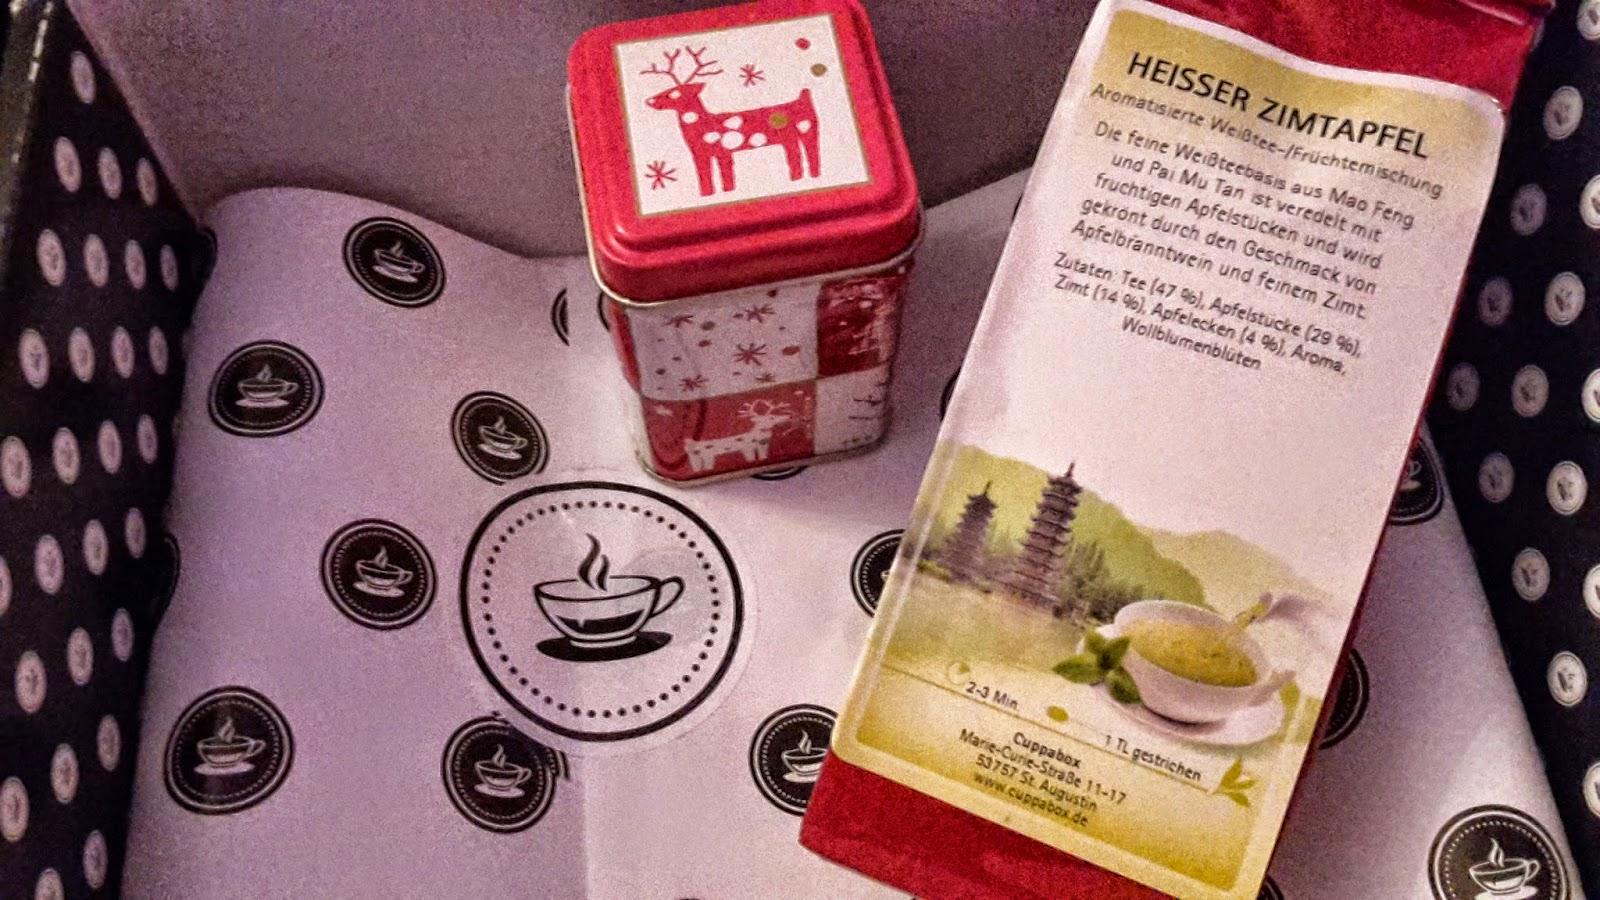 Cuppabox mit hochwertigem Tee